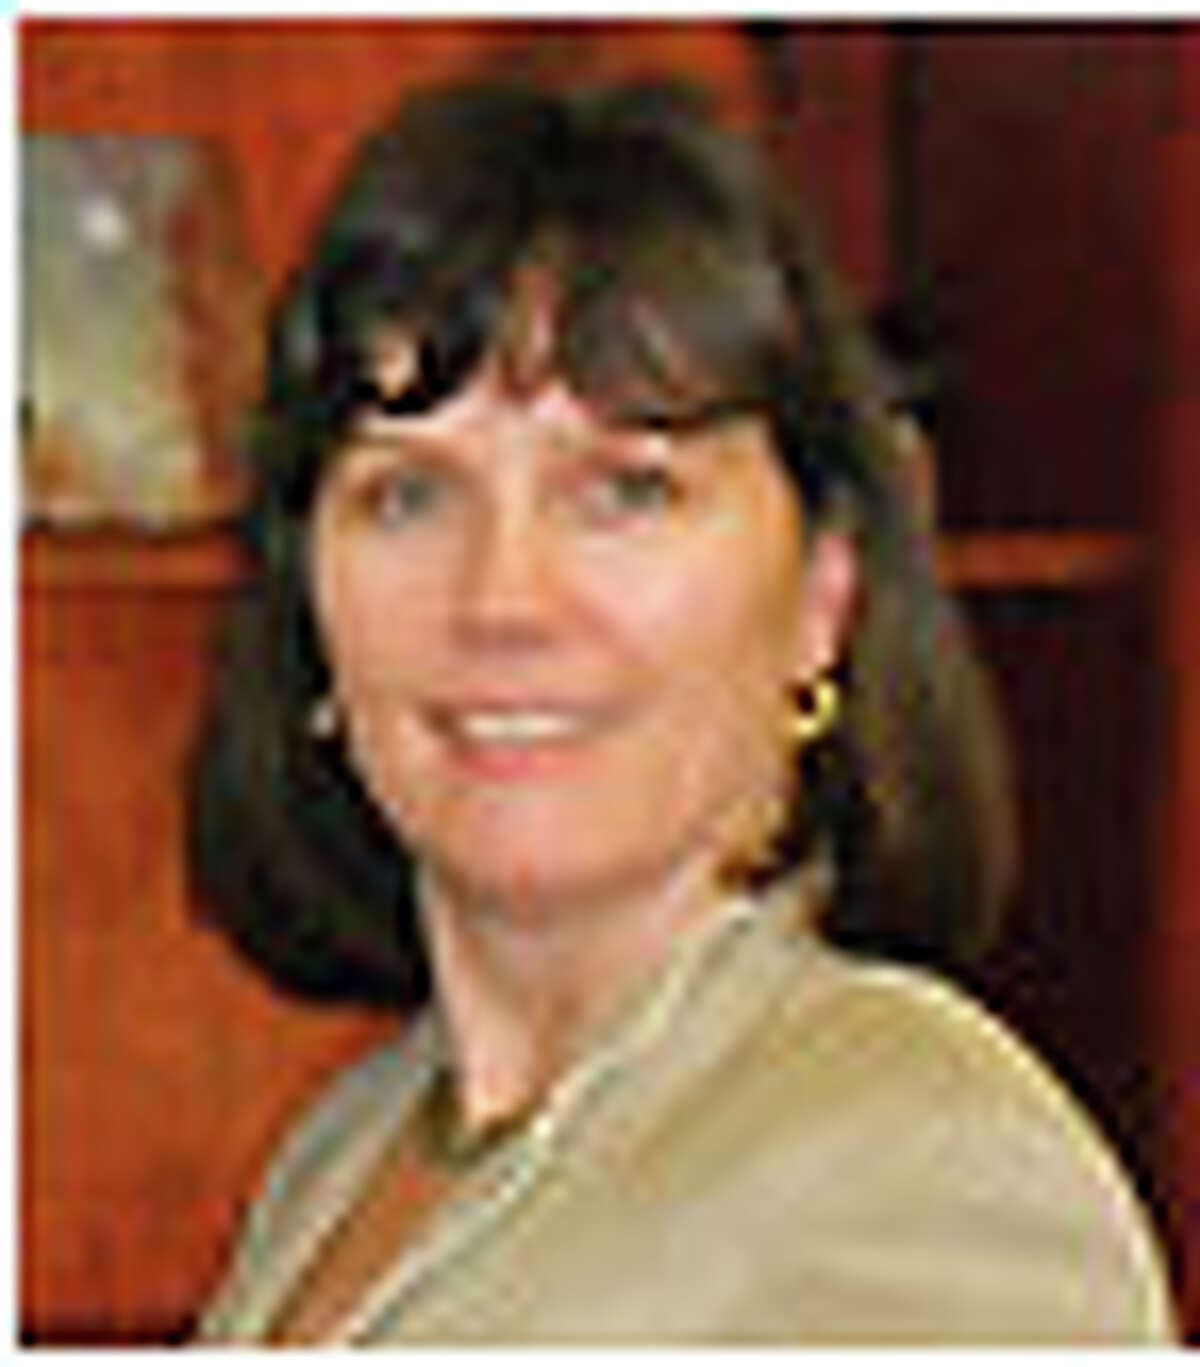 District Court Judge Denise Pratt